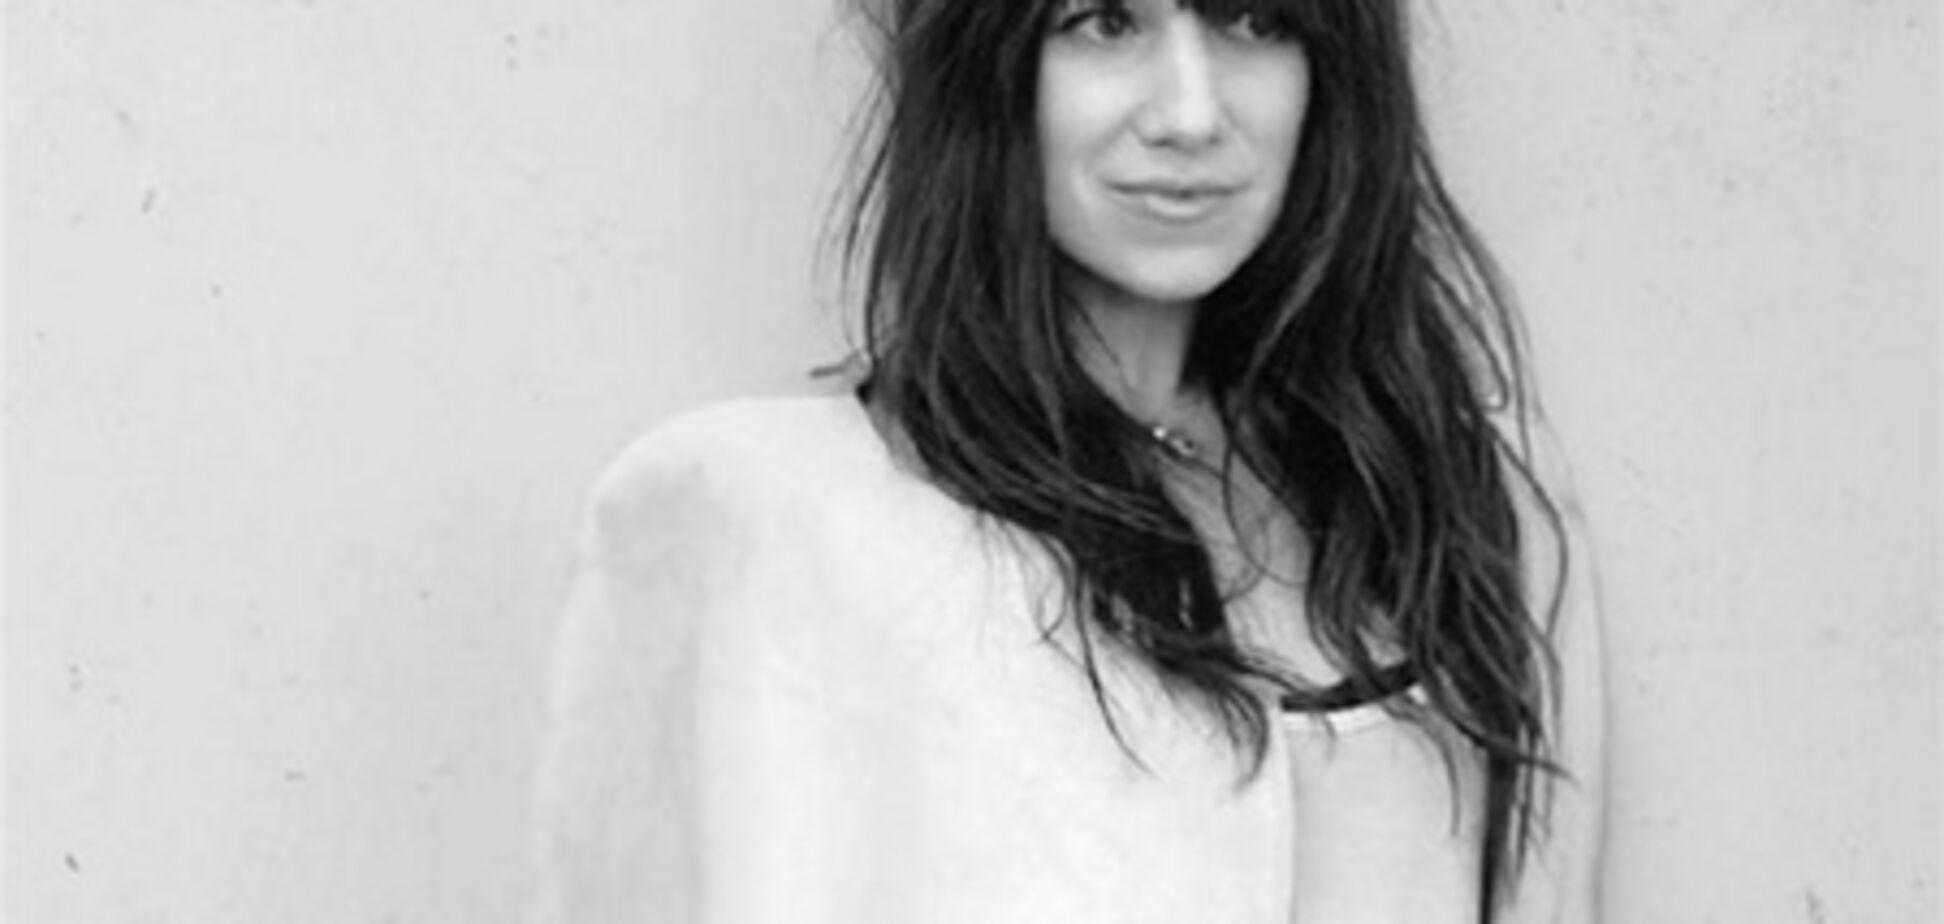 Шарлотта Генсбур: красота в некрасивости